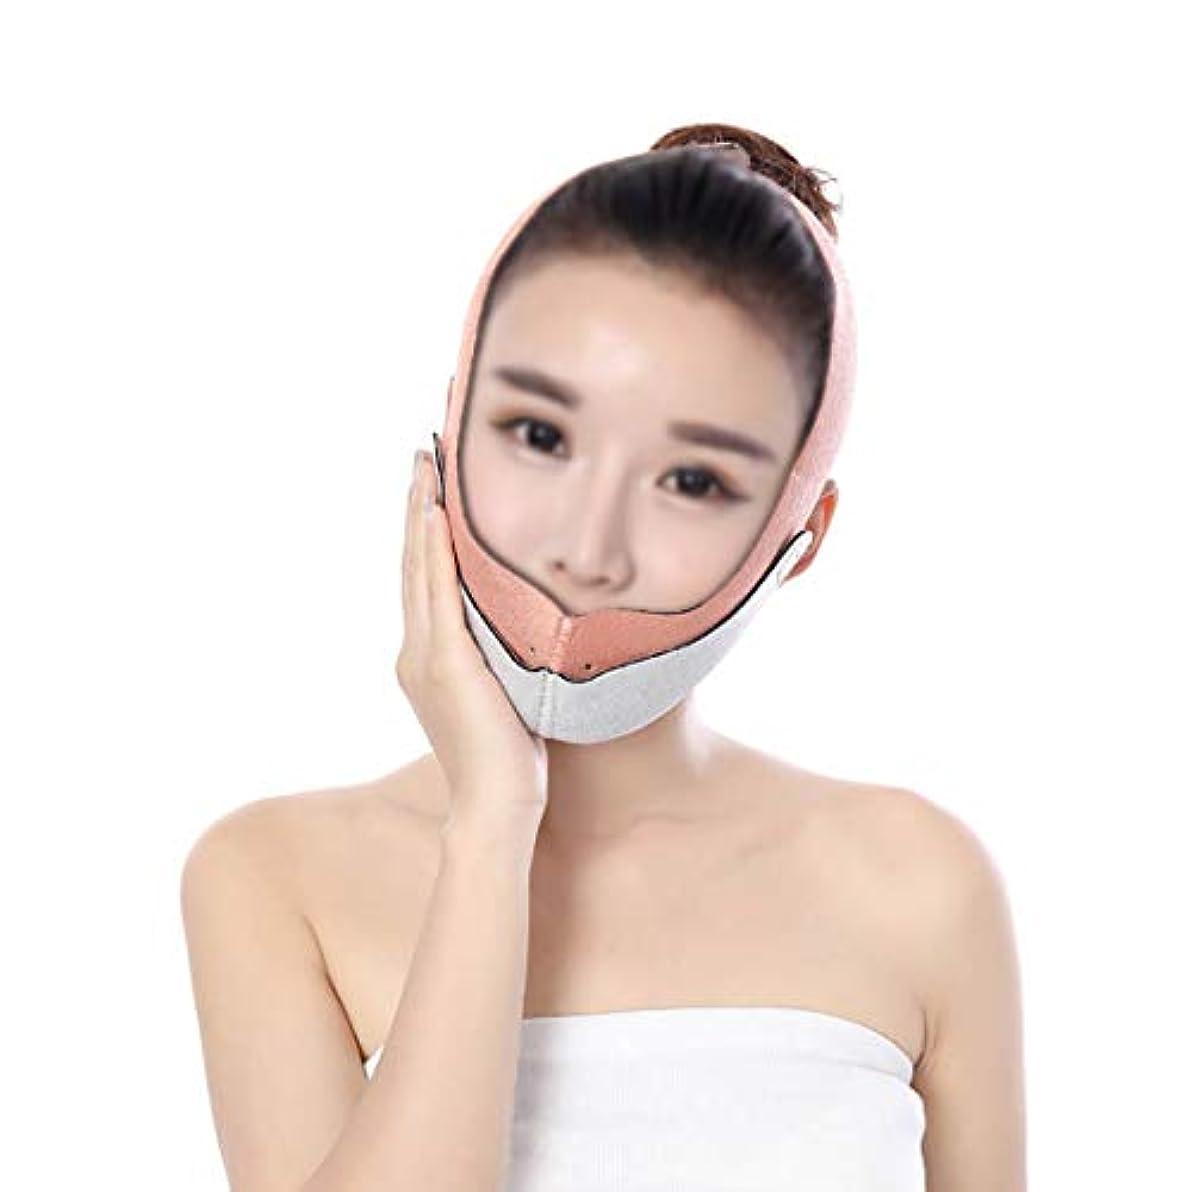 謝るの面では店主TLMY ファーミングマスク薄い顔アーティファクト補正フェイスリフティングアンチたるみ包帯美容マスクマスクVフェイスクロスツール 顔用整形マスク